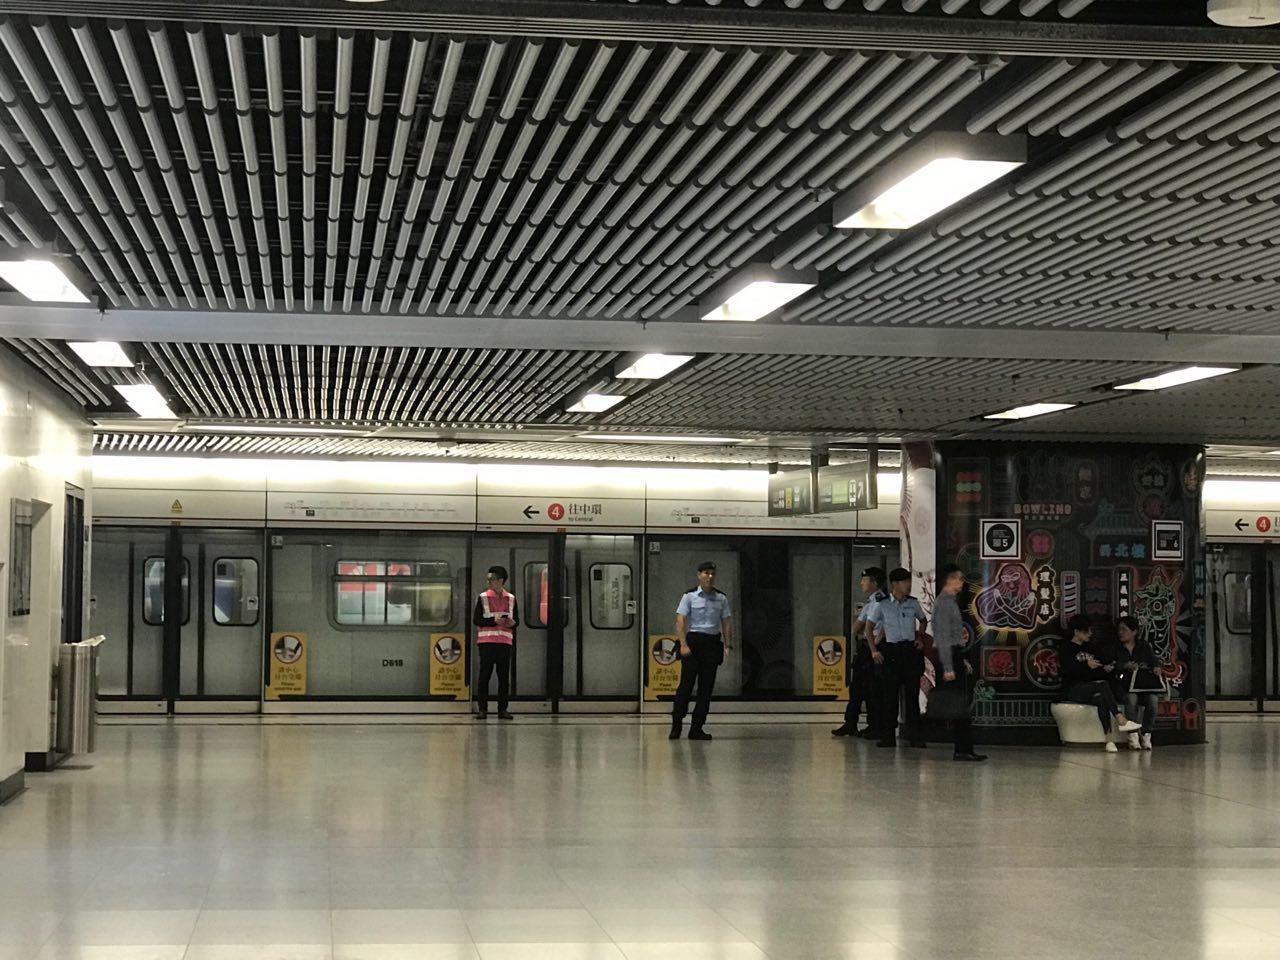 荃灣綫來往金鐘站和中環站的服務全日暫停,圖為金鐘站荃灣線往中環方向有港鐵職員在場維持秩序及警方留守。(蔡雯文/大紀元)